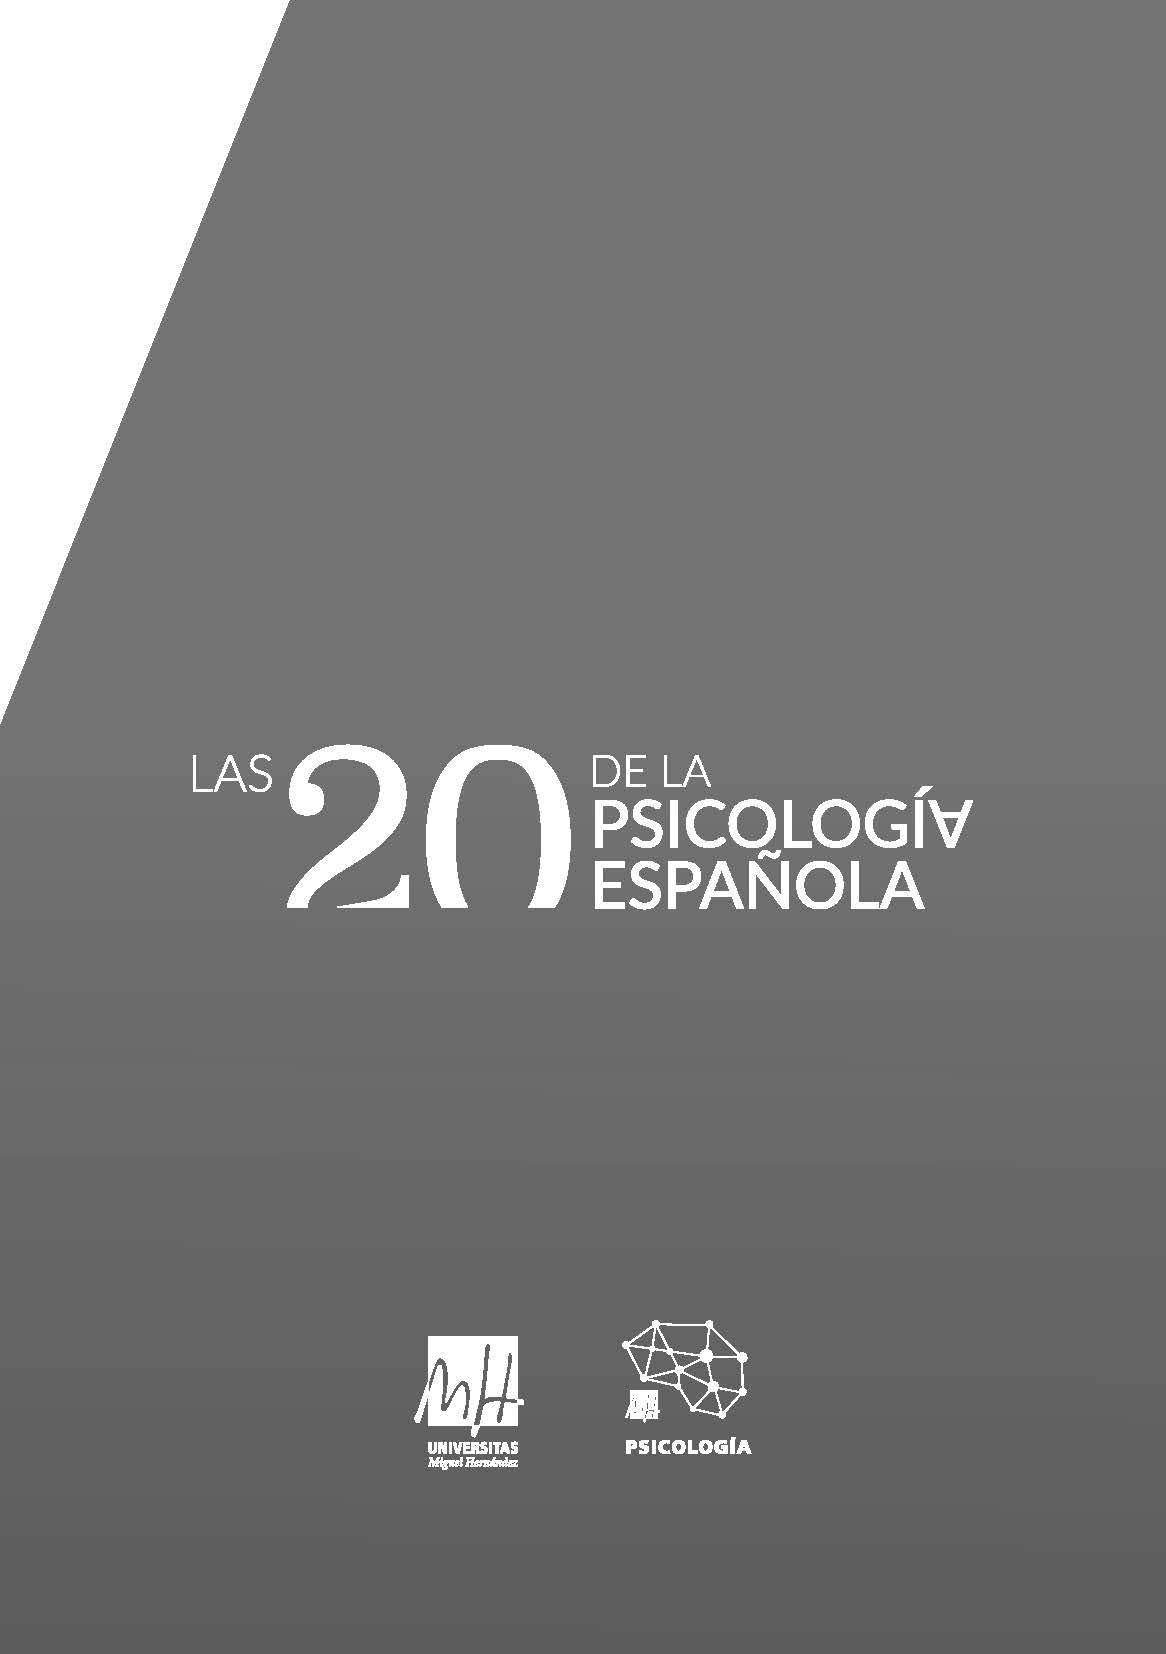 03-02-20-expo-mujeres-psicólogas-info_Página_01